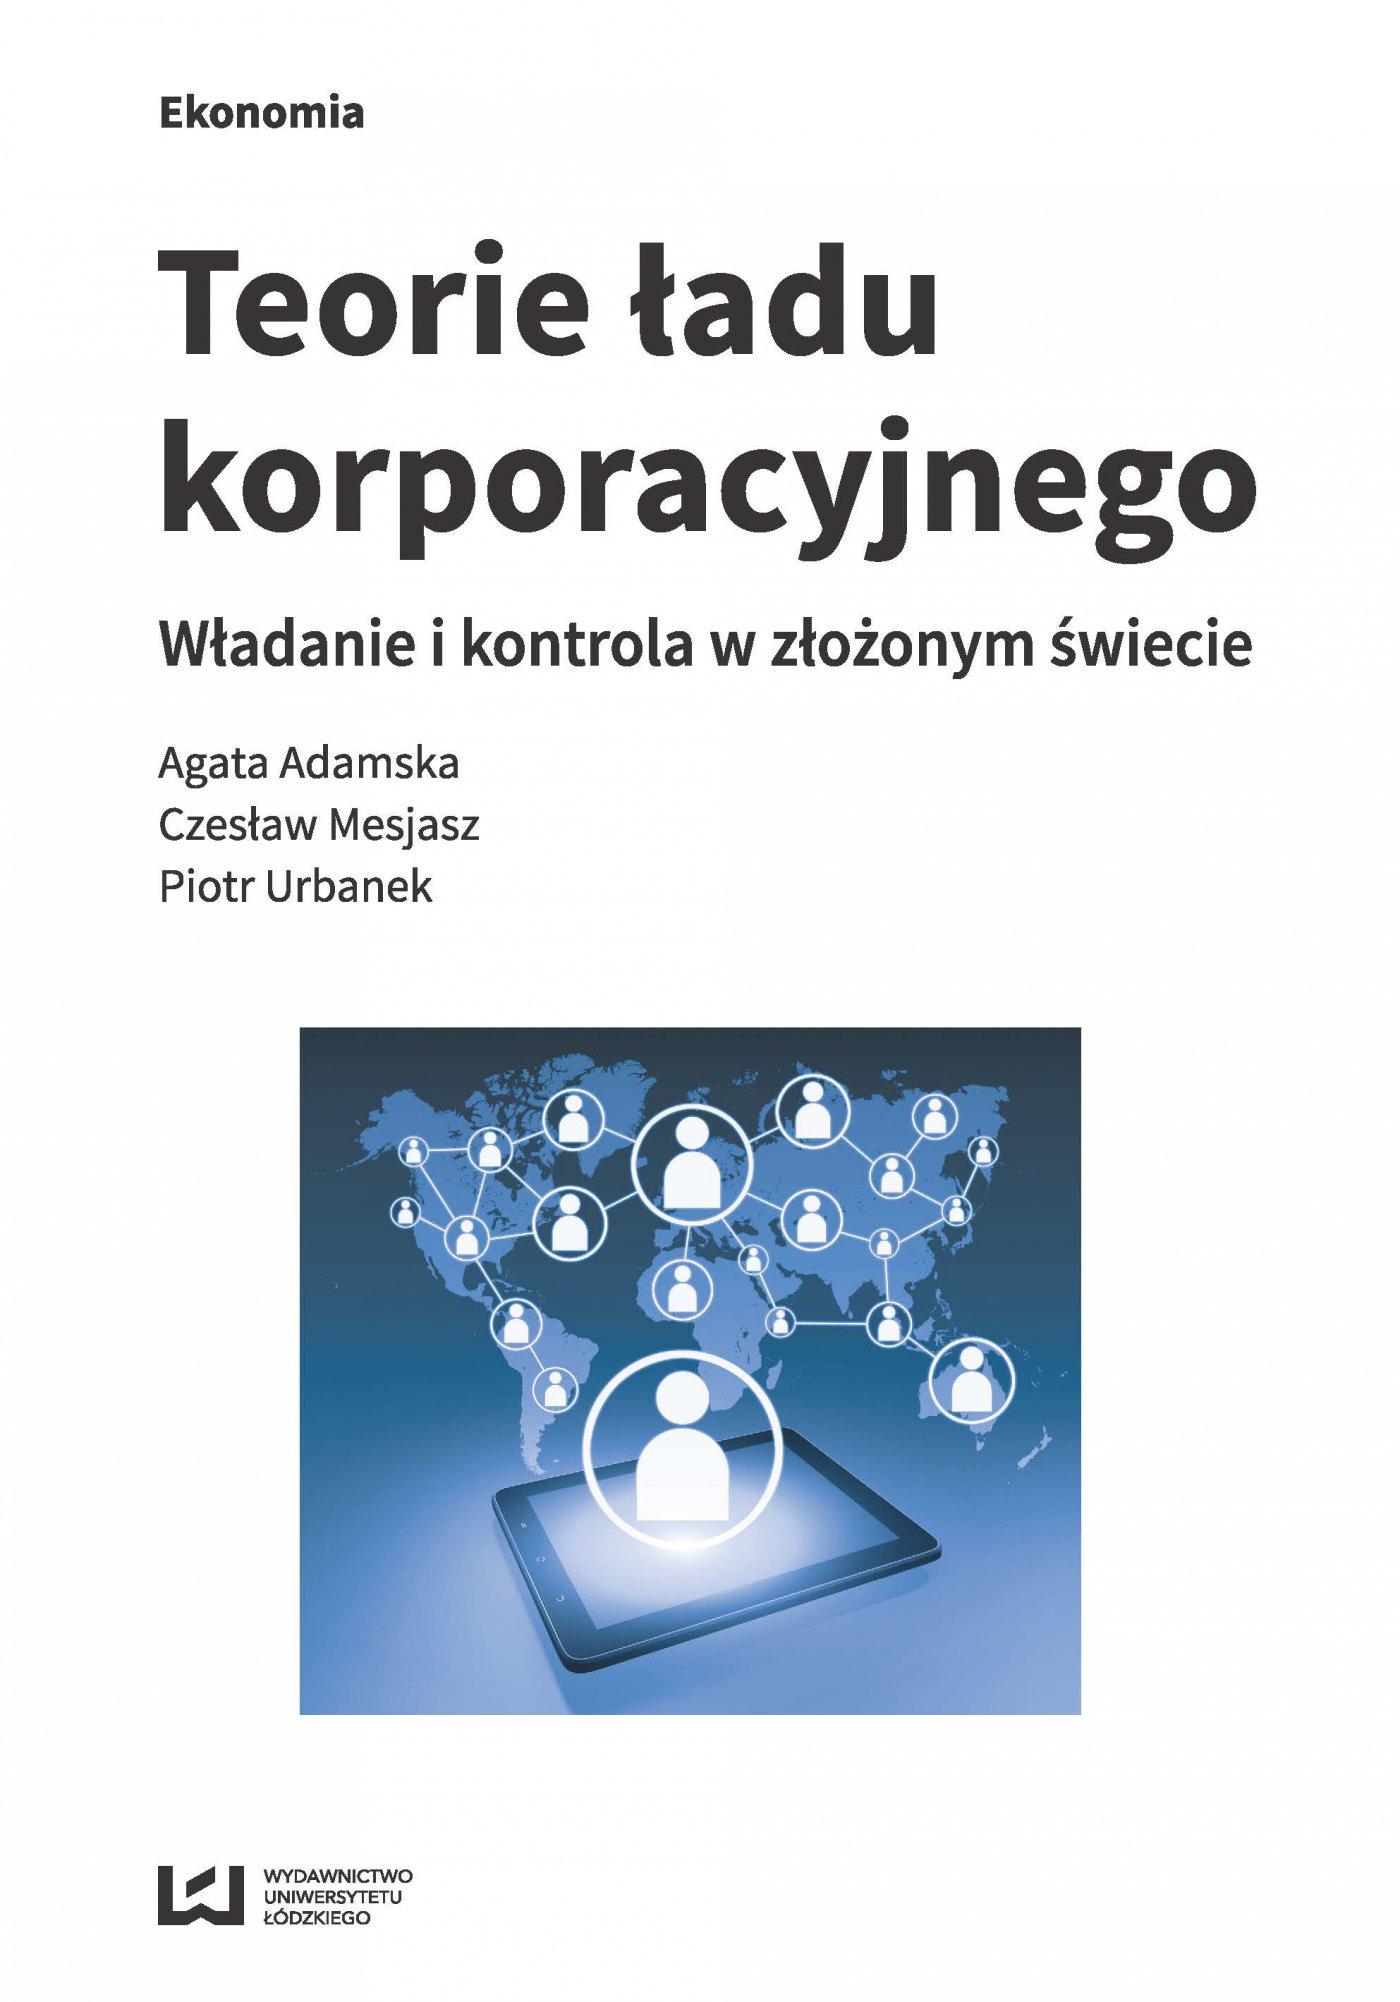 Teorie ładu korporacyjnego. Władanie i kontrola z złożonym świecie - Ebook (Książka PDF) do pobrania w formacie PDF